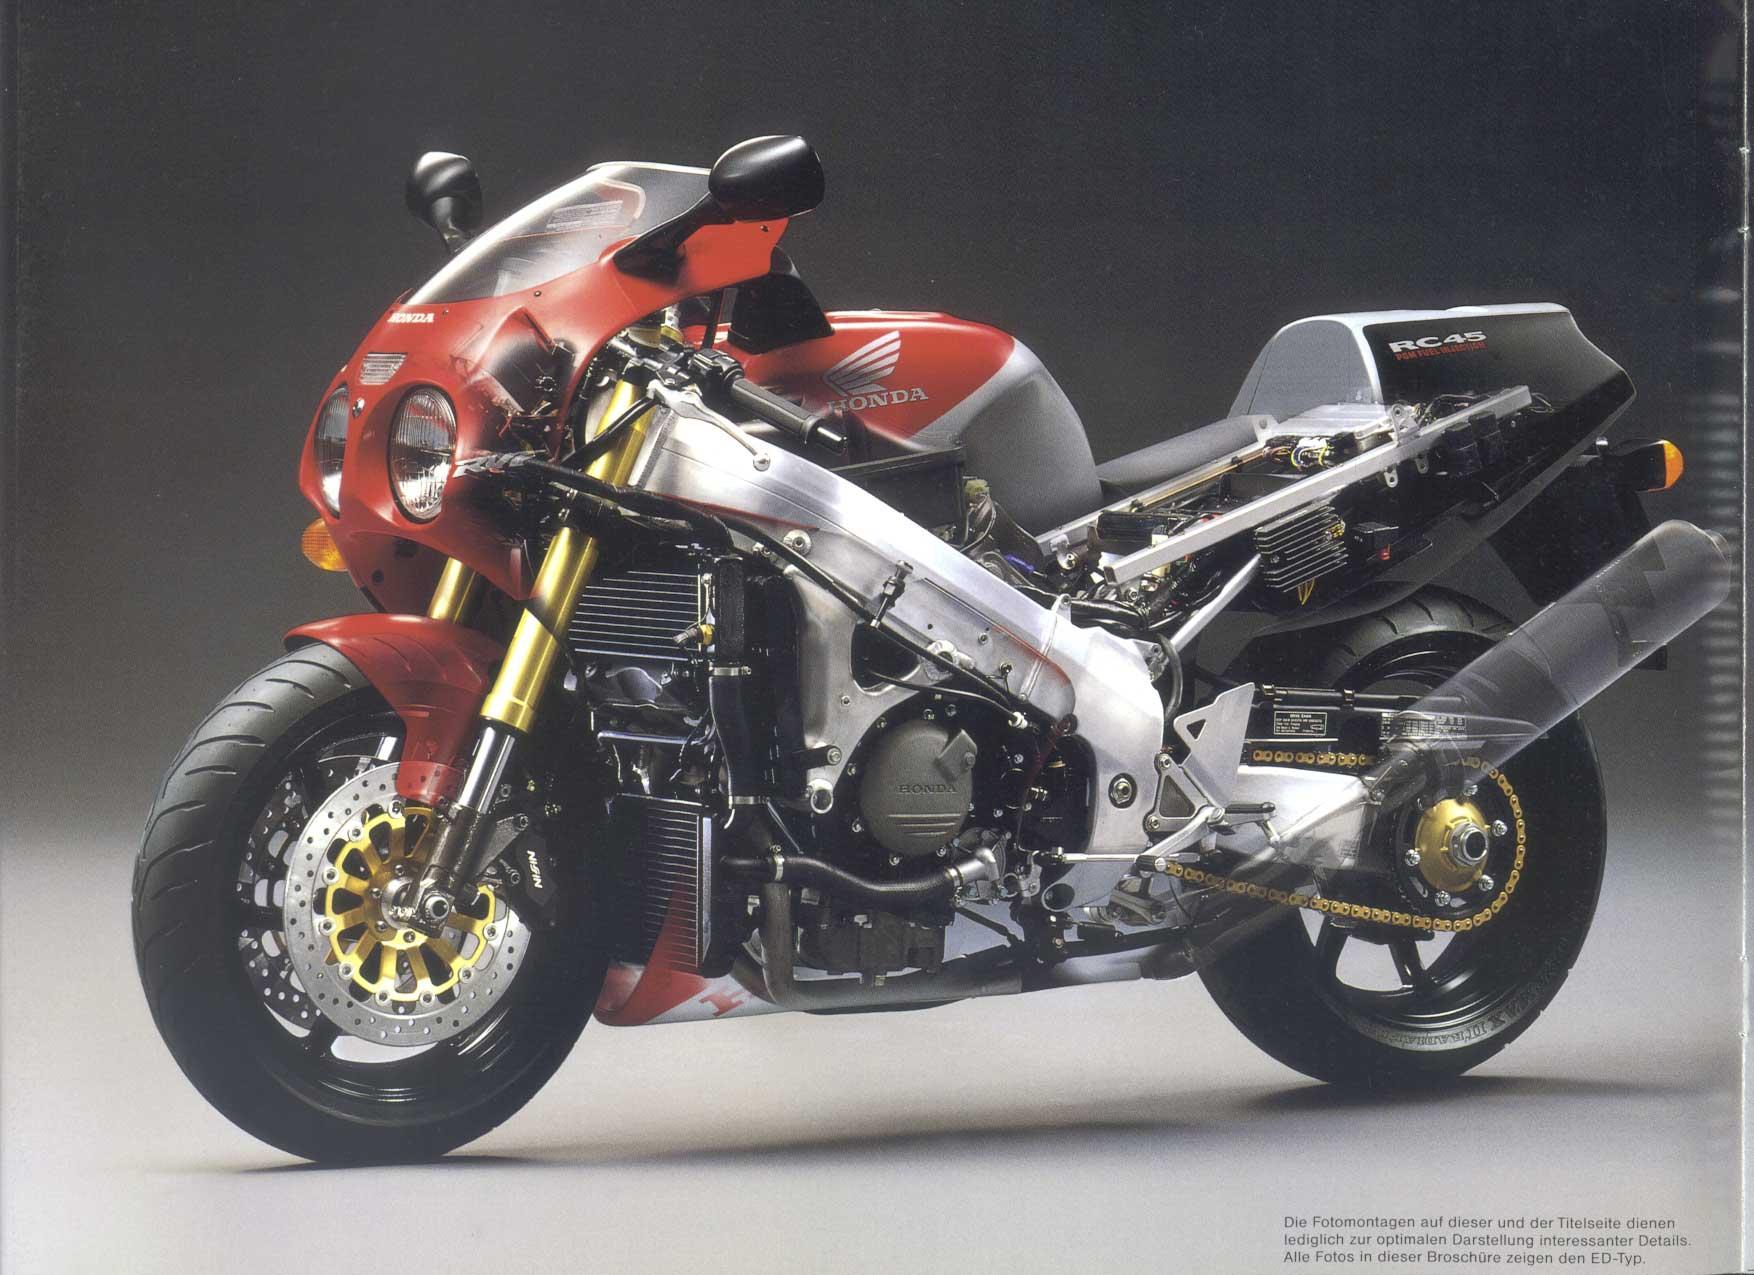 Honda RVF750 Brochures